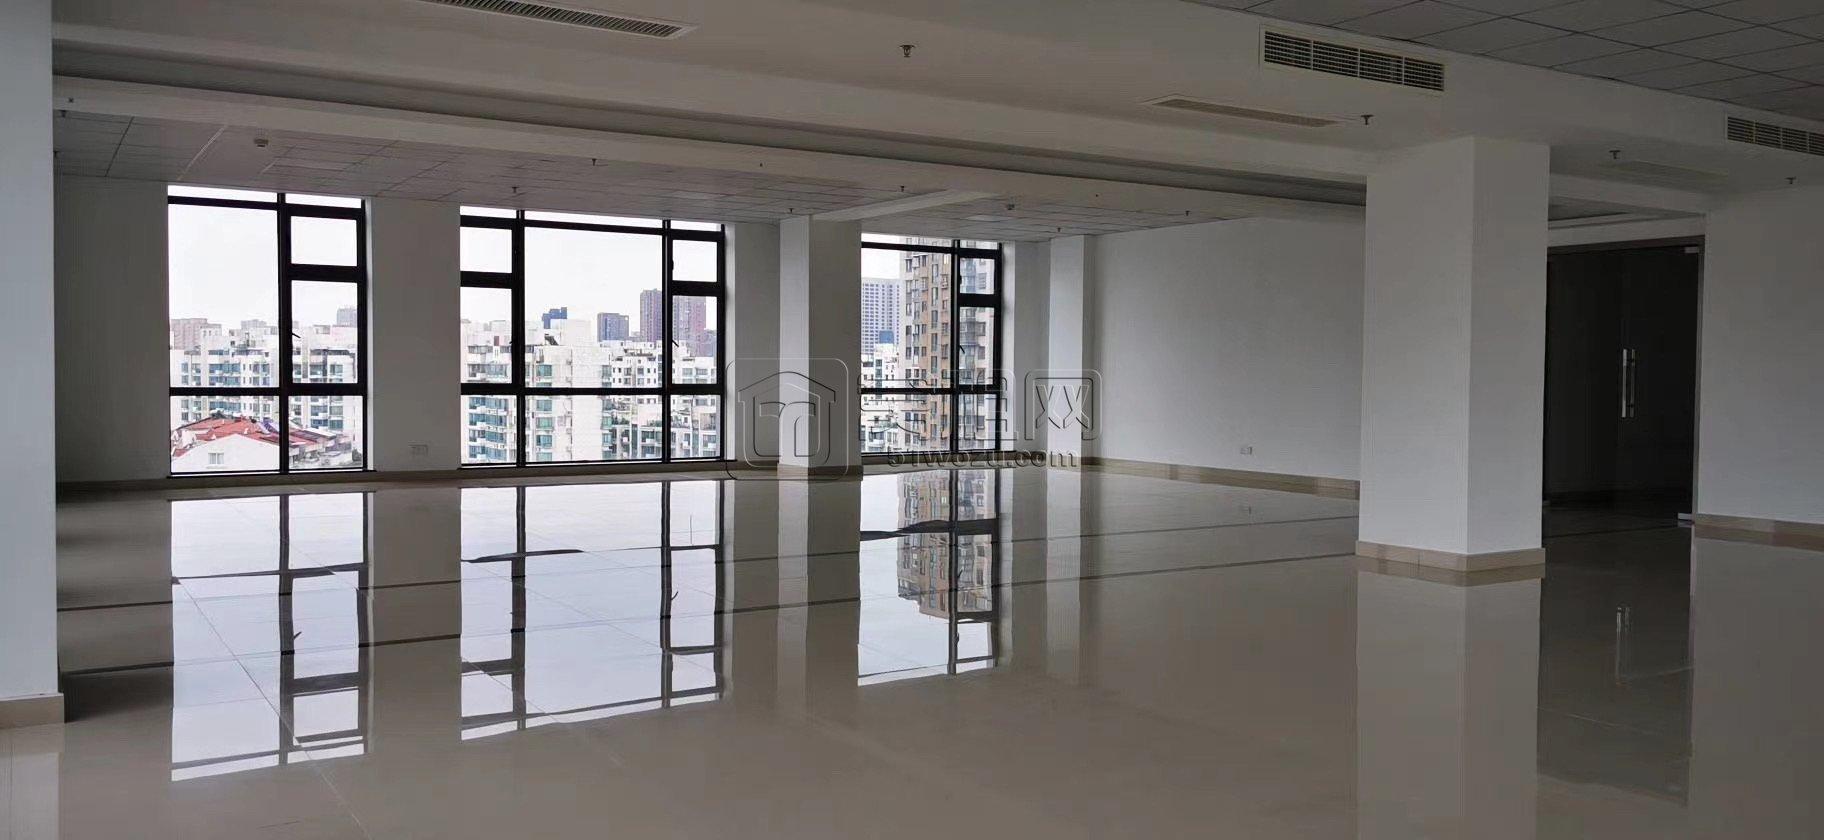 鄞州区长丰写字楼爱妻大厦出租328平米